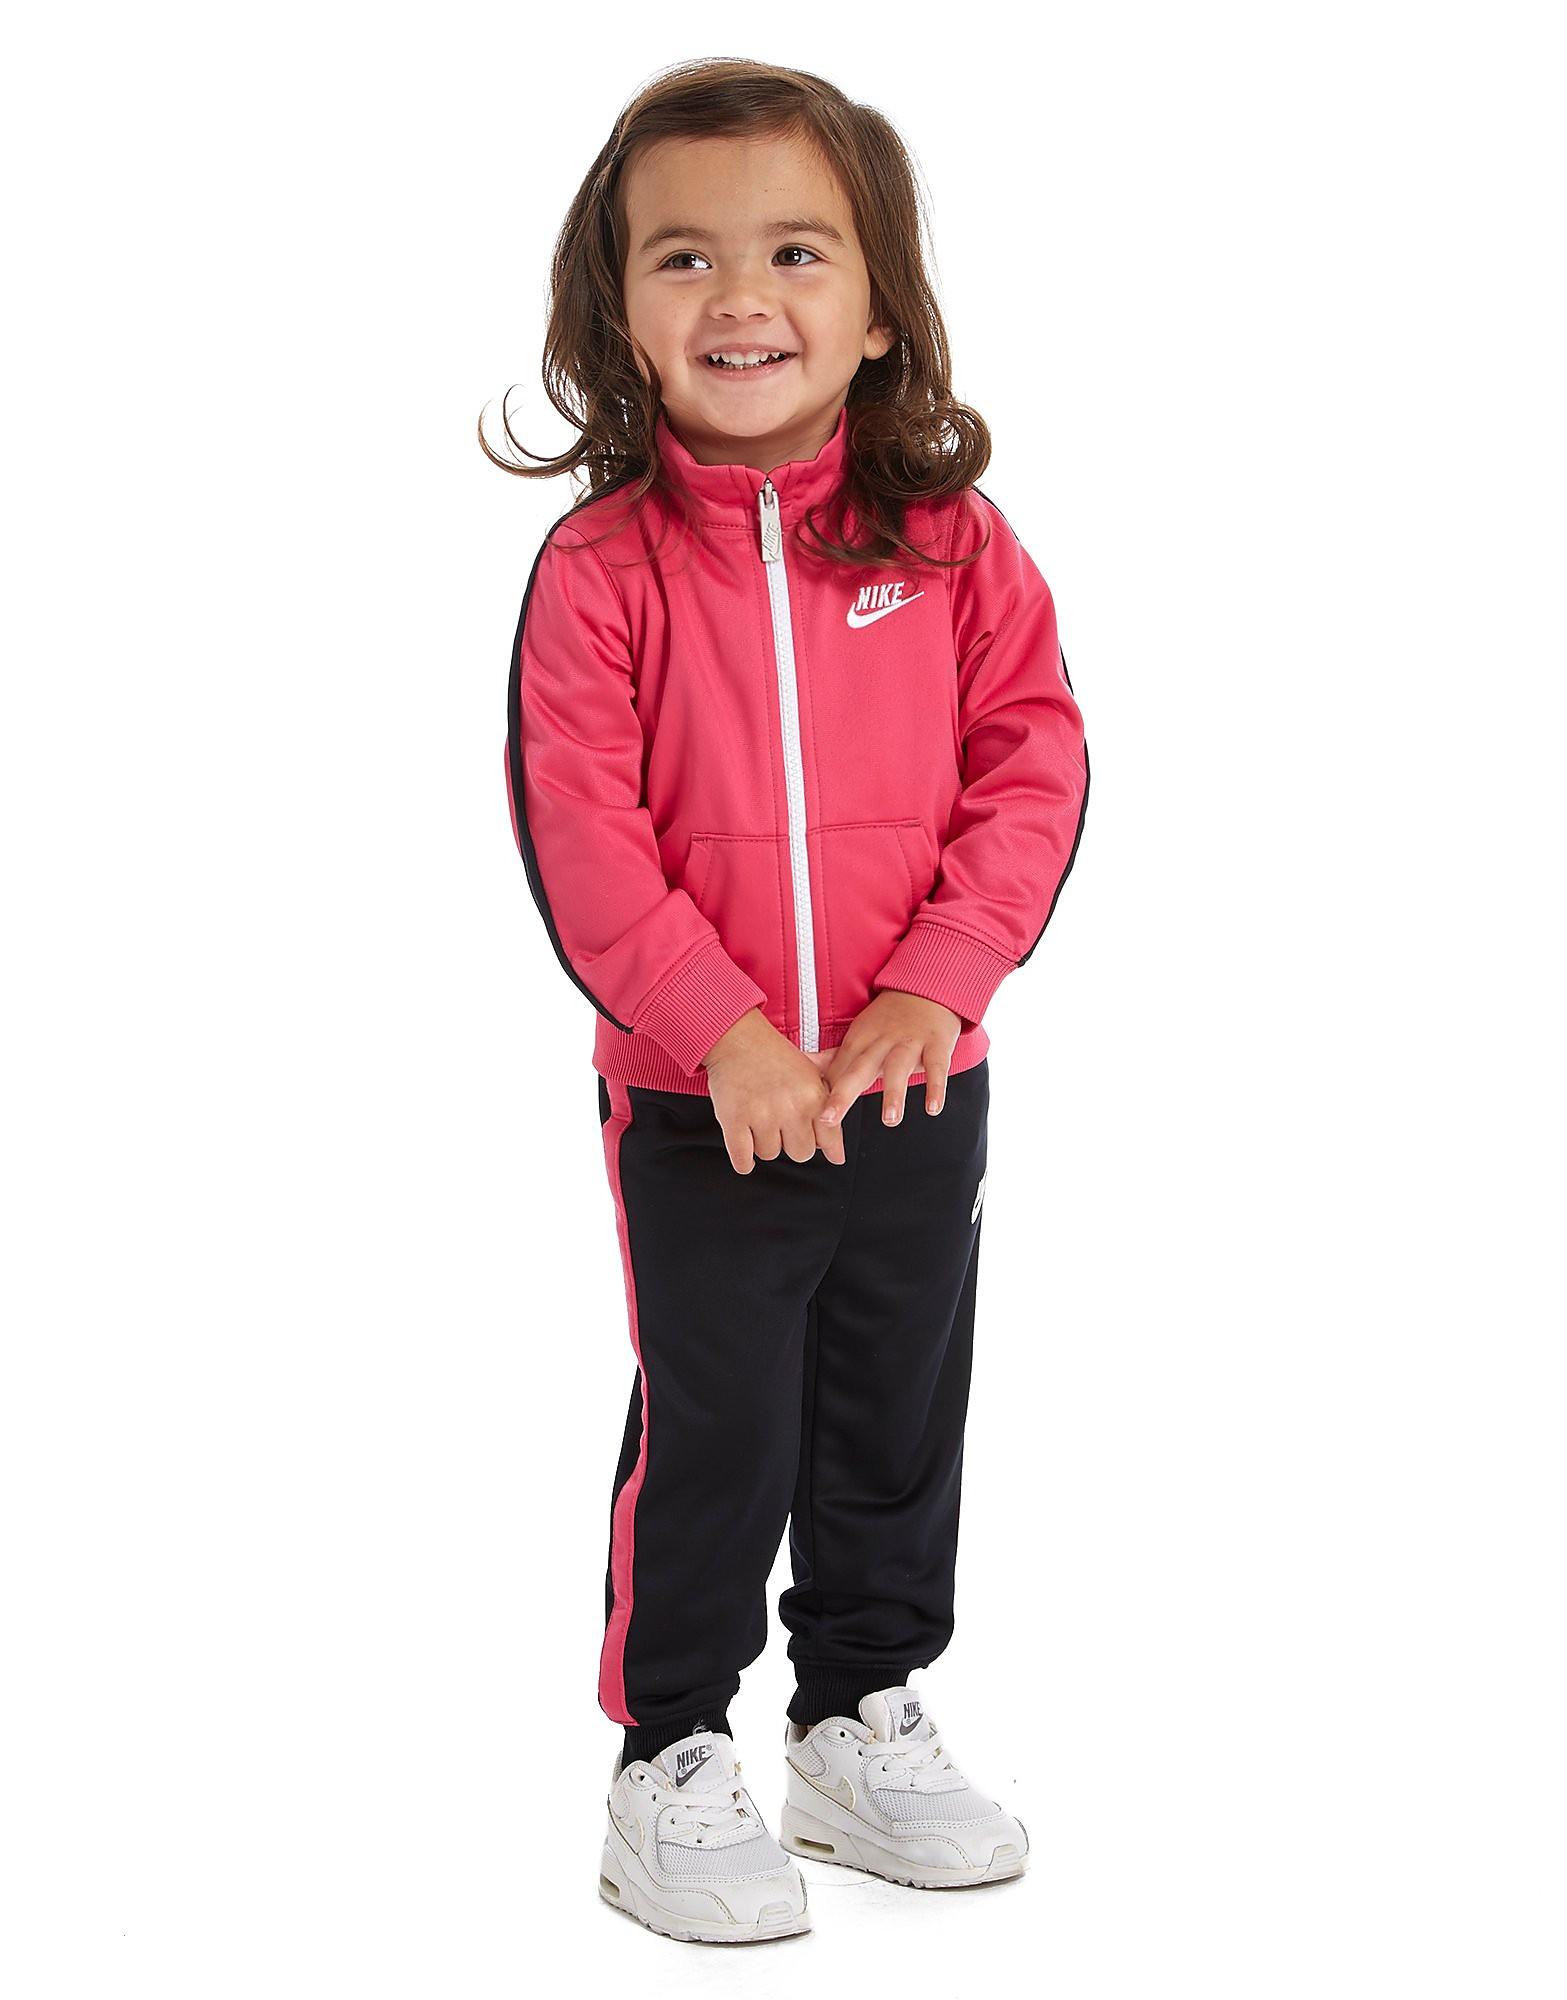 Nike SB Mädchen Tribute Anzug Kleinkind